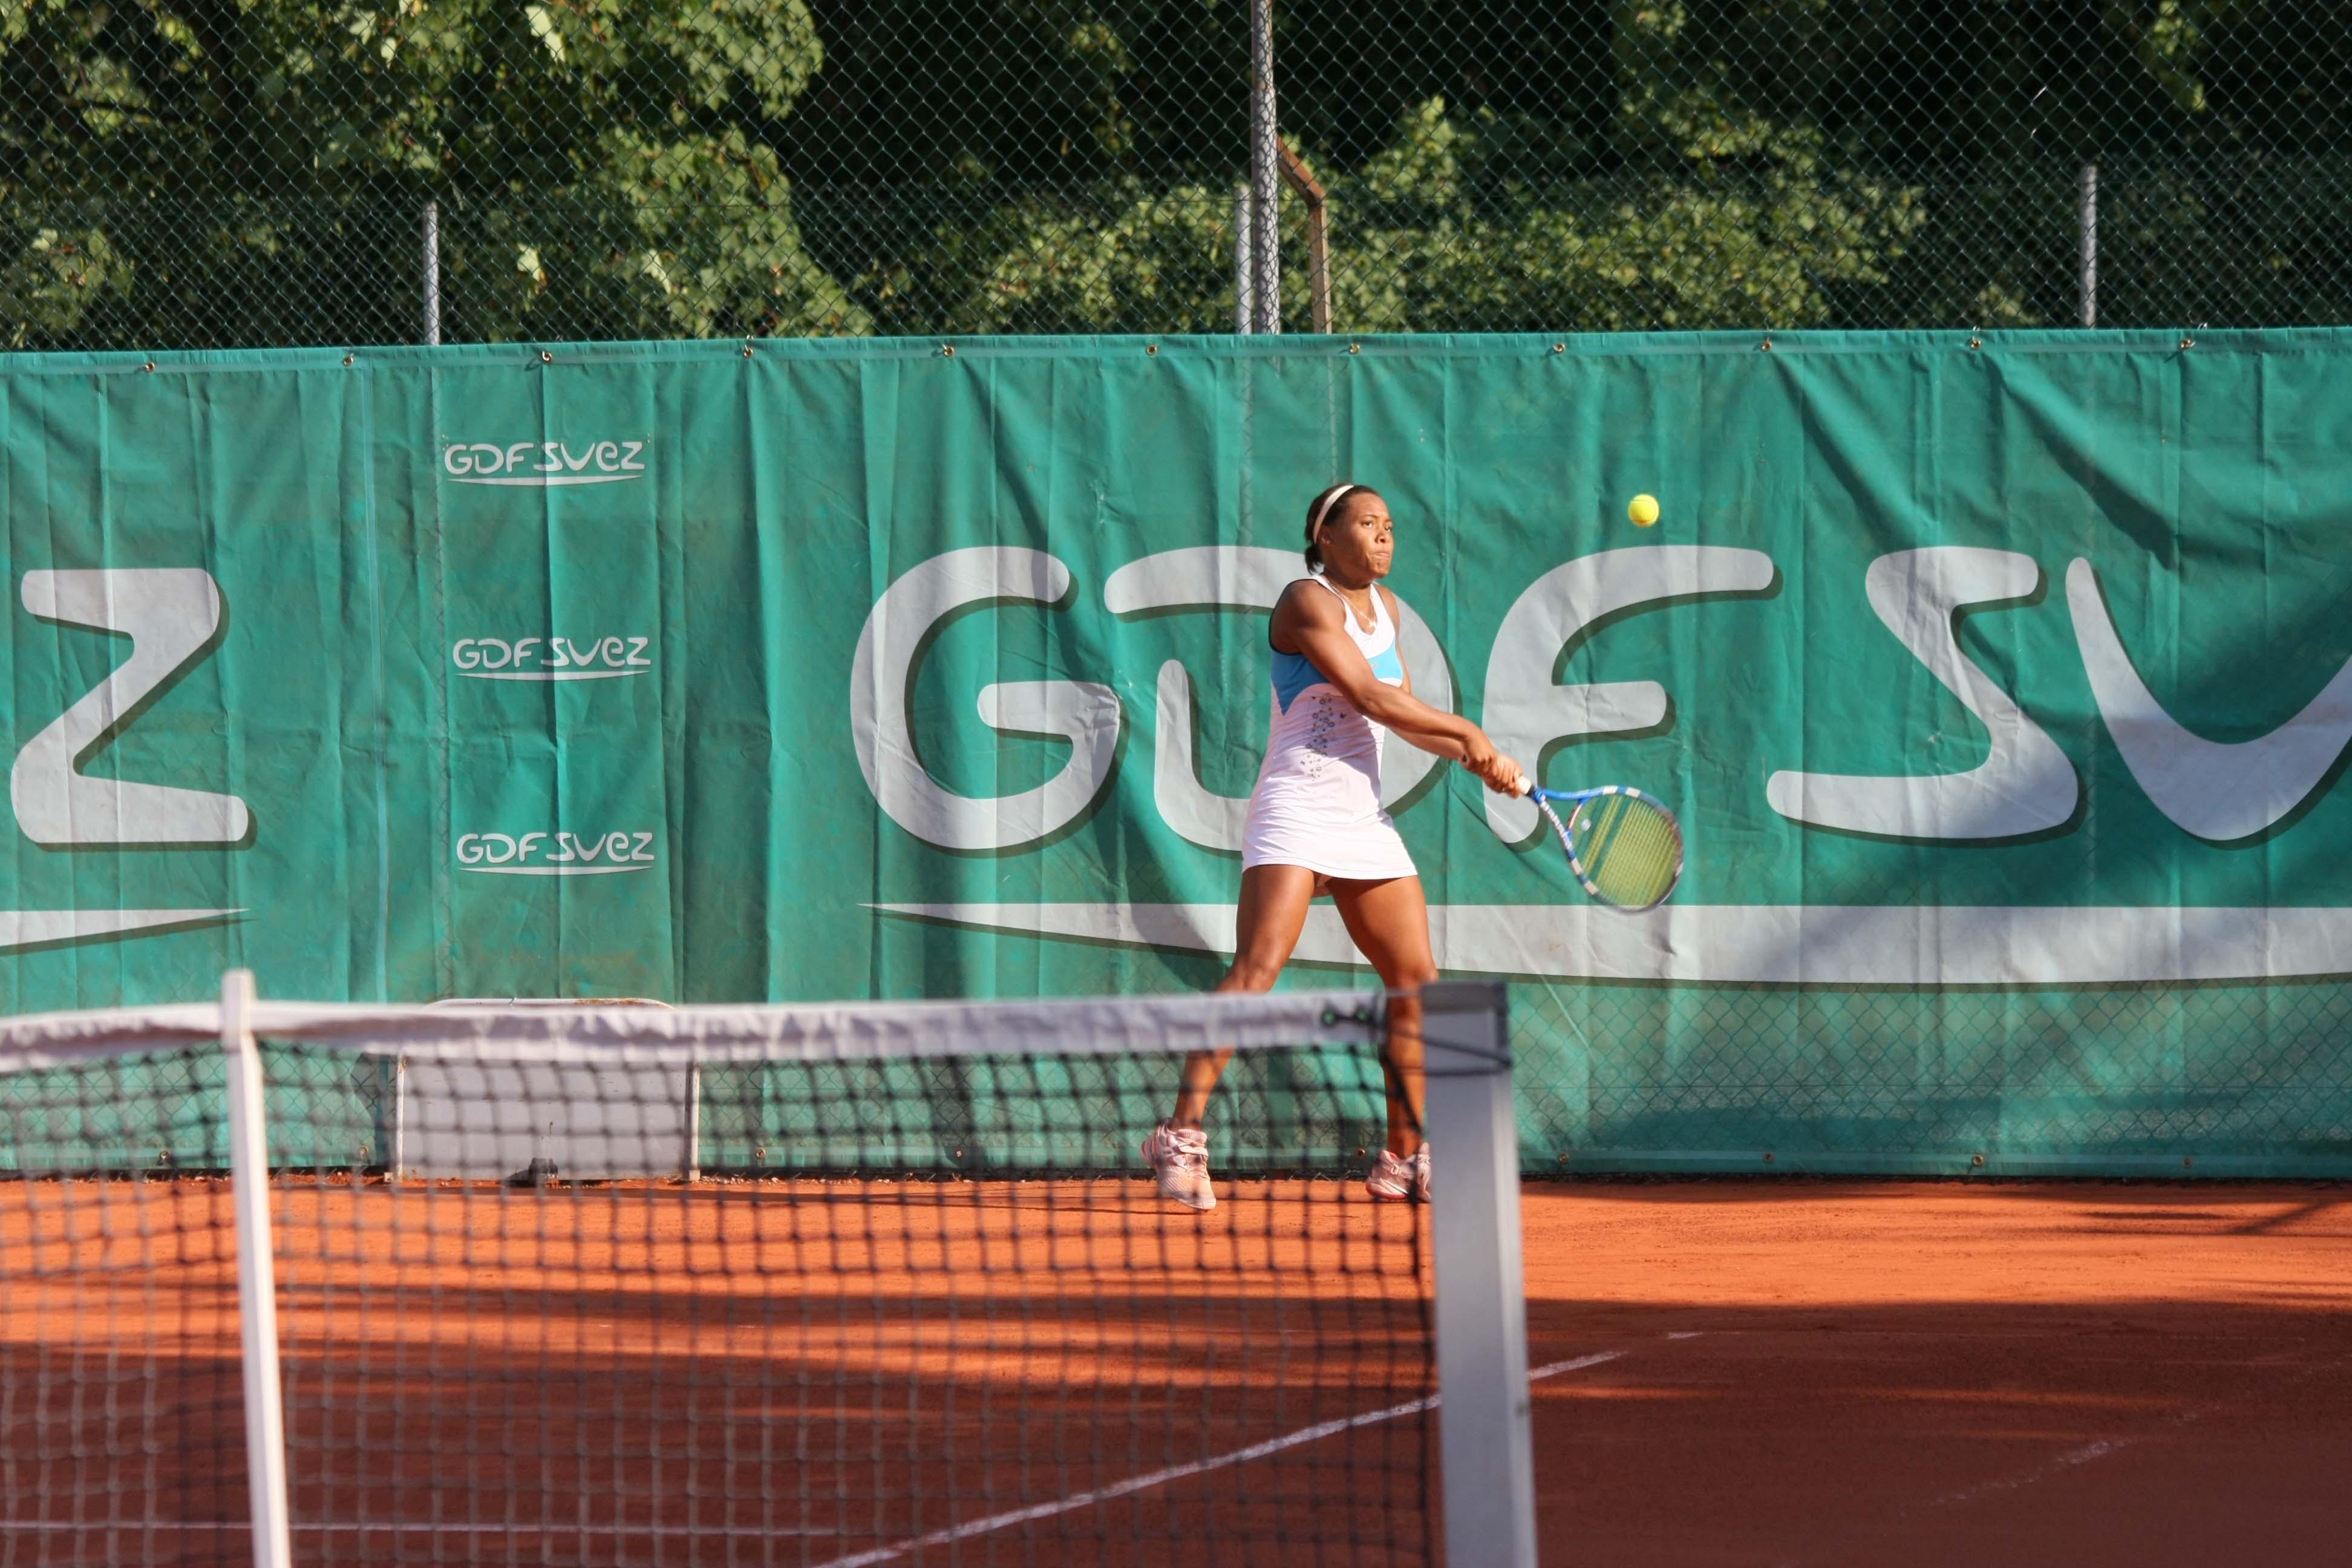 N. Piquion Tennis GDF Suez1